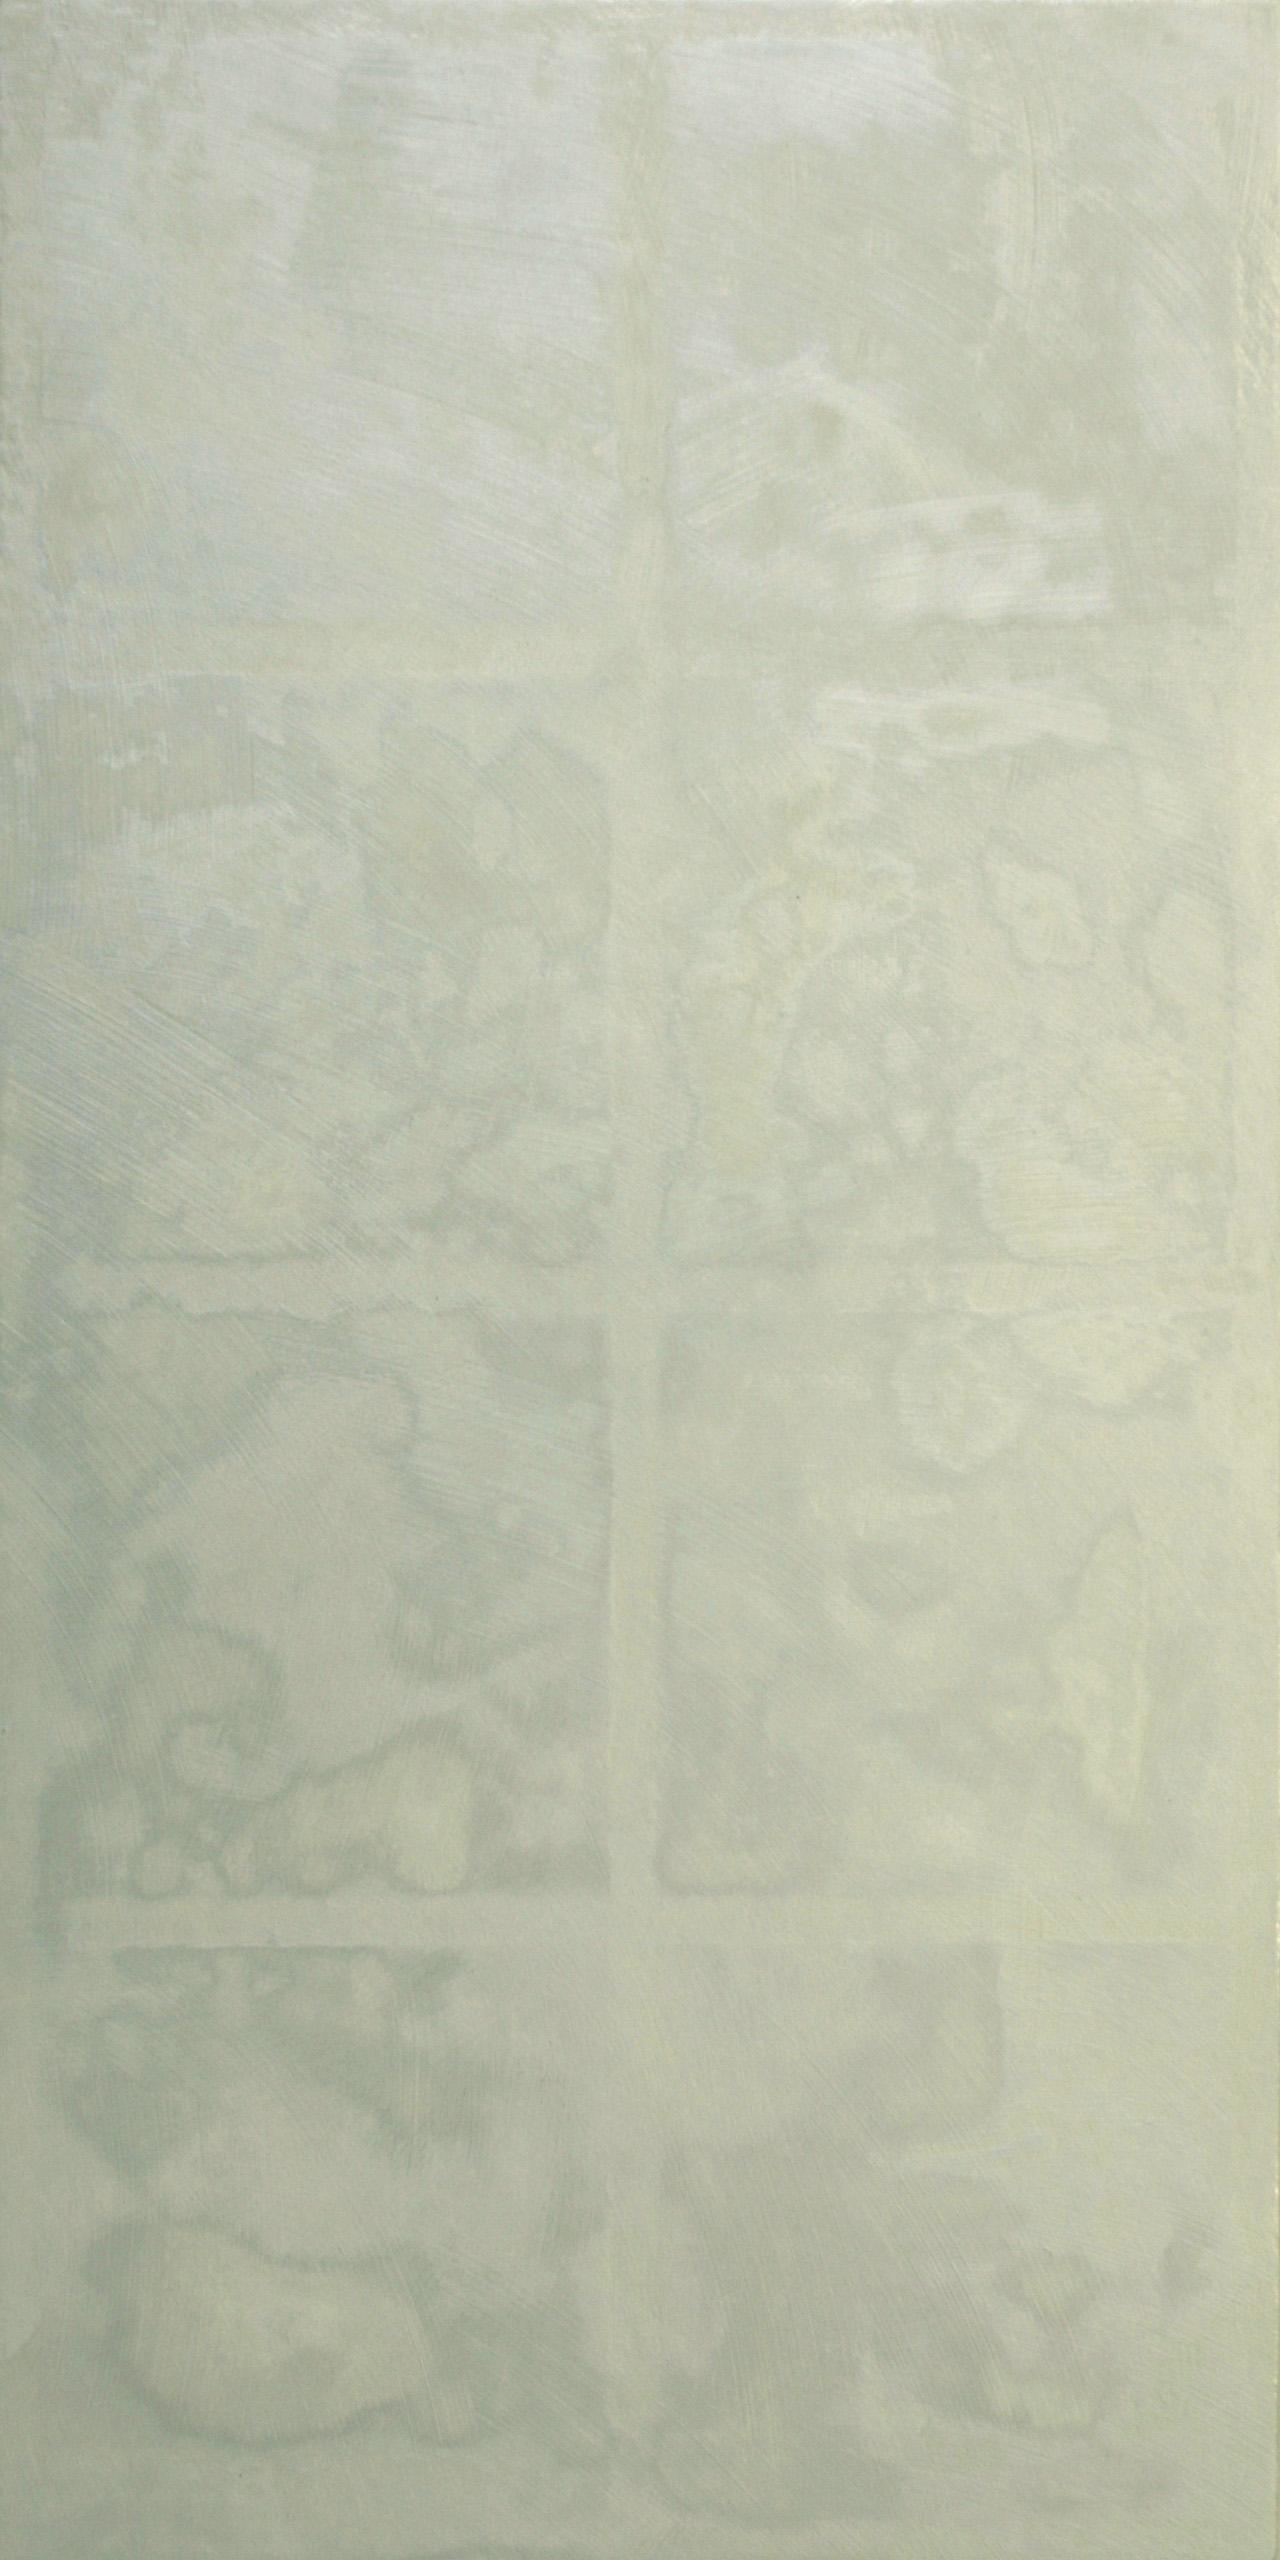 Makiko Nakamura_-_Skies or Waters-Diptych (left)_60 x 30cm.jpg